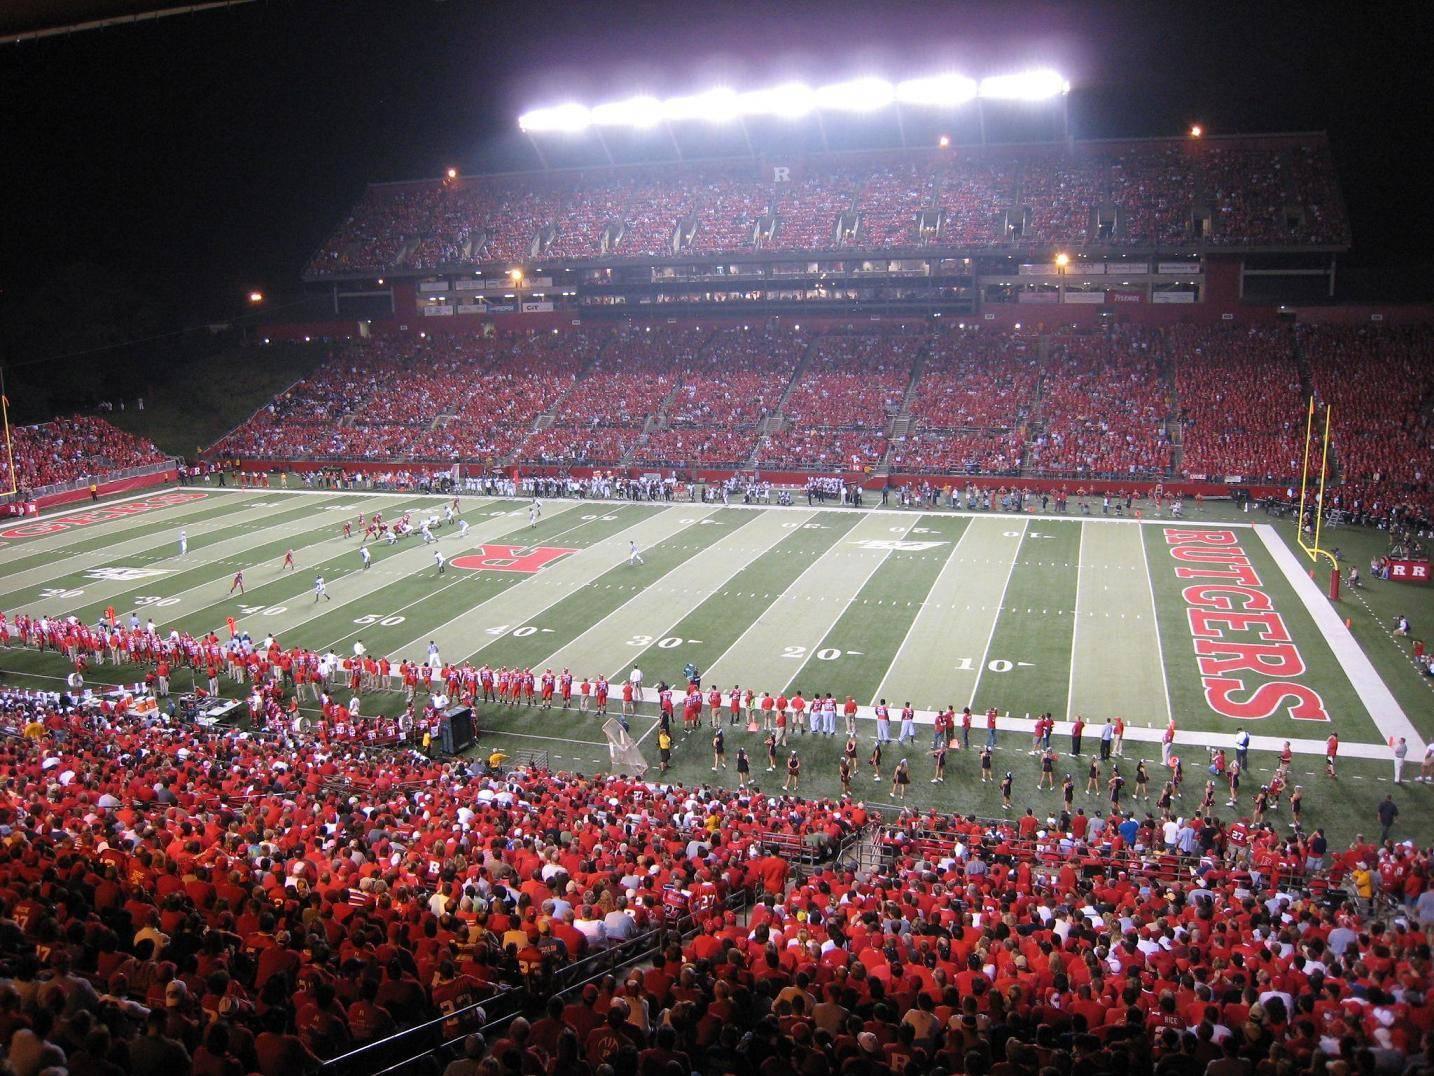 2dc2aa2bd3413b1890f8_Rutgers_Stadium.jpg